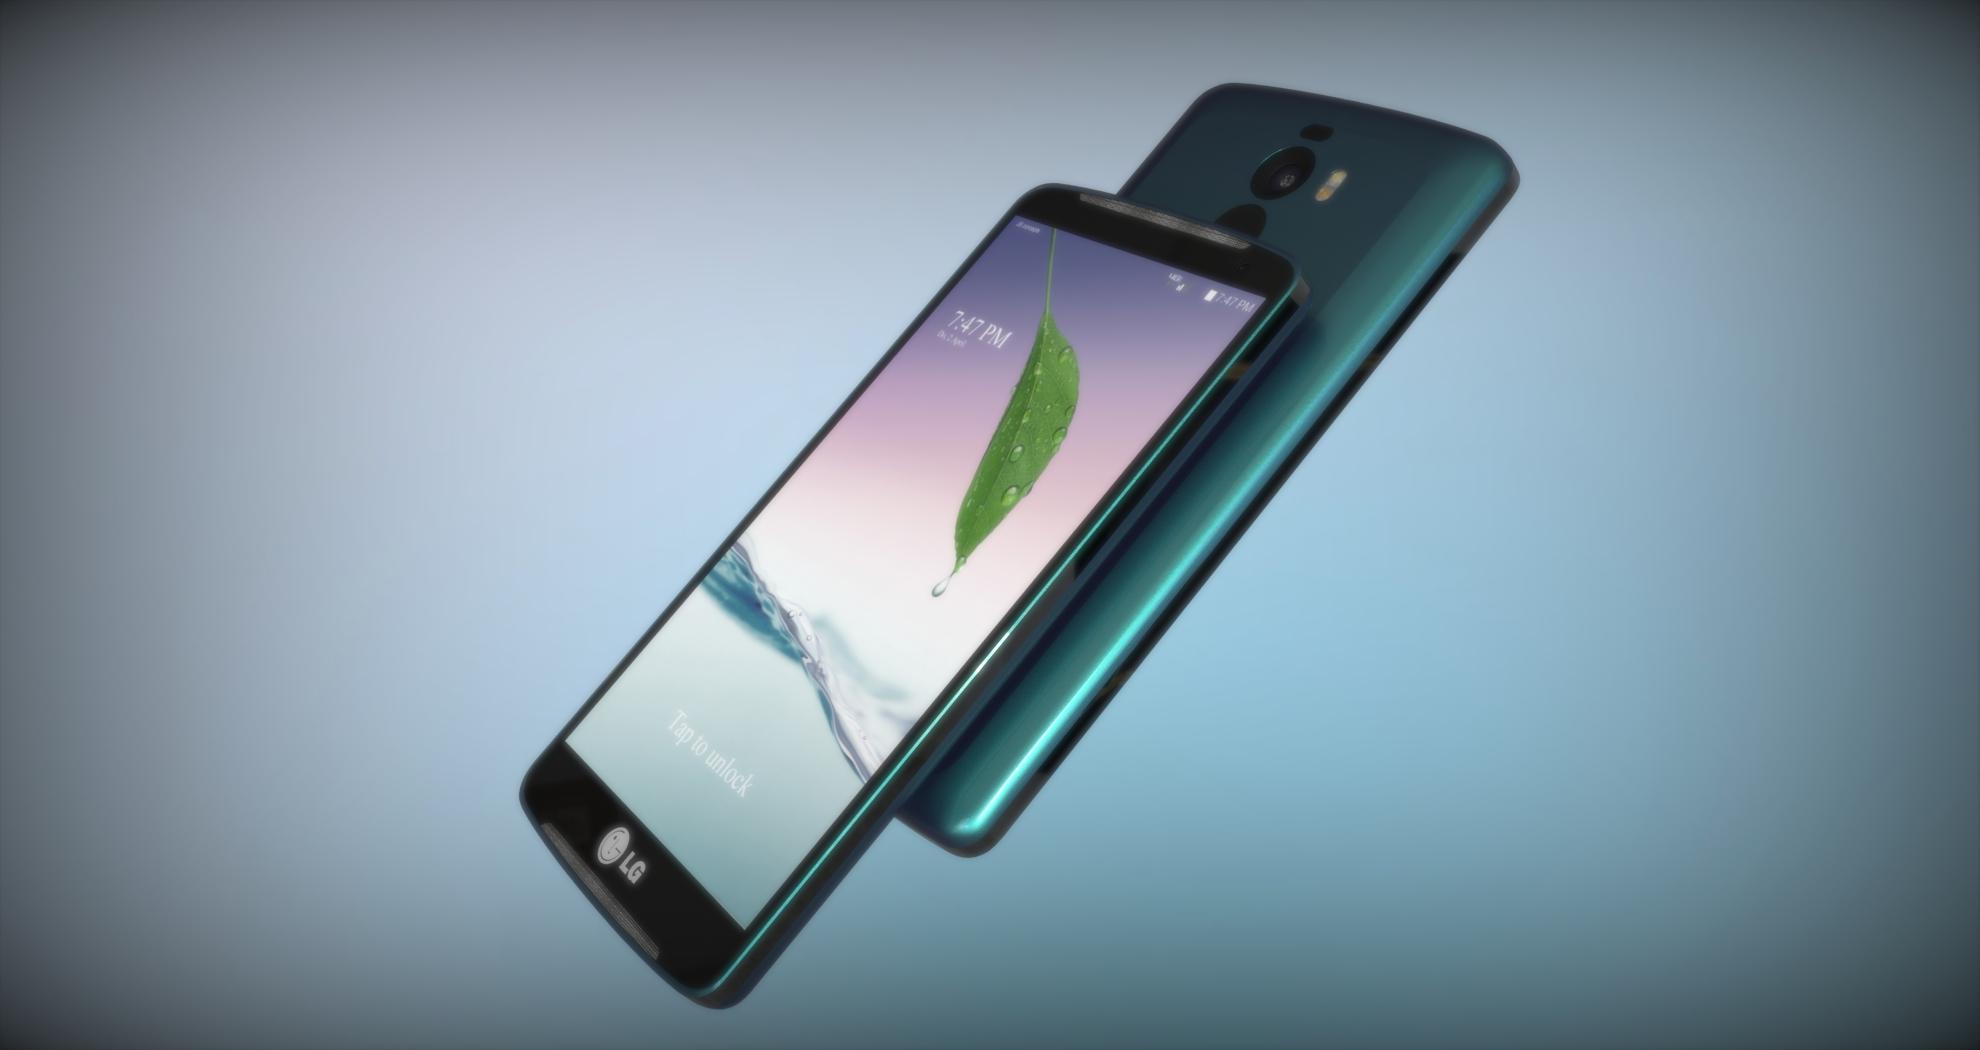 Concepto del LG® G4